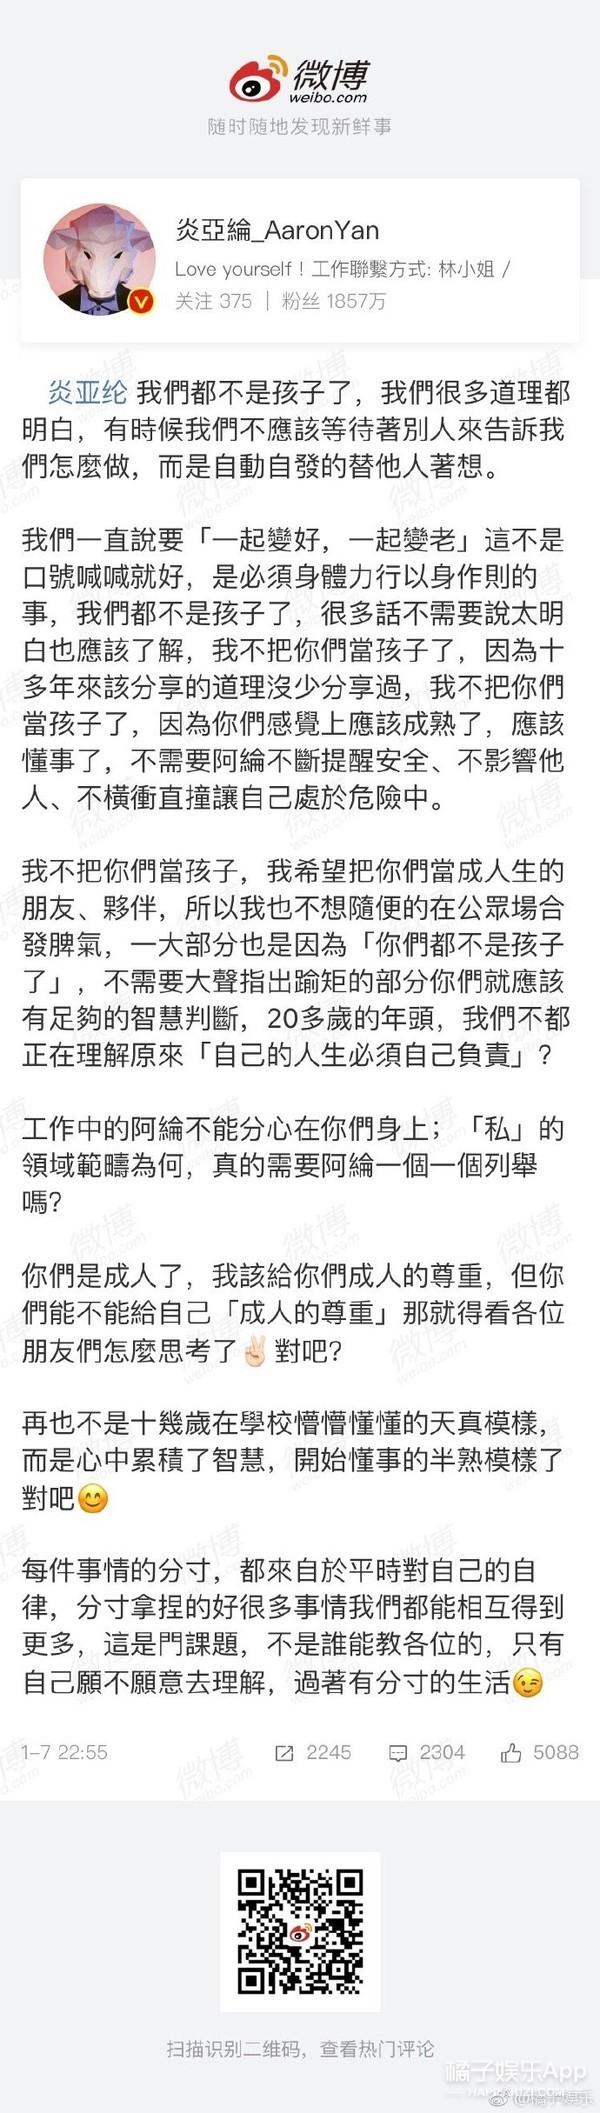 蒋劲夫家暴案结果正式公布 邓超吐槽陪孙俪逛街